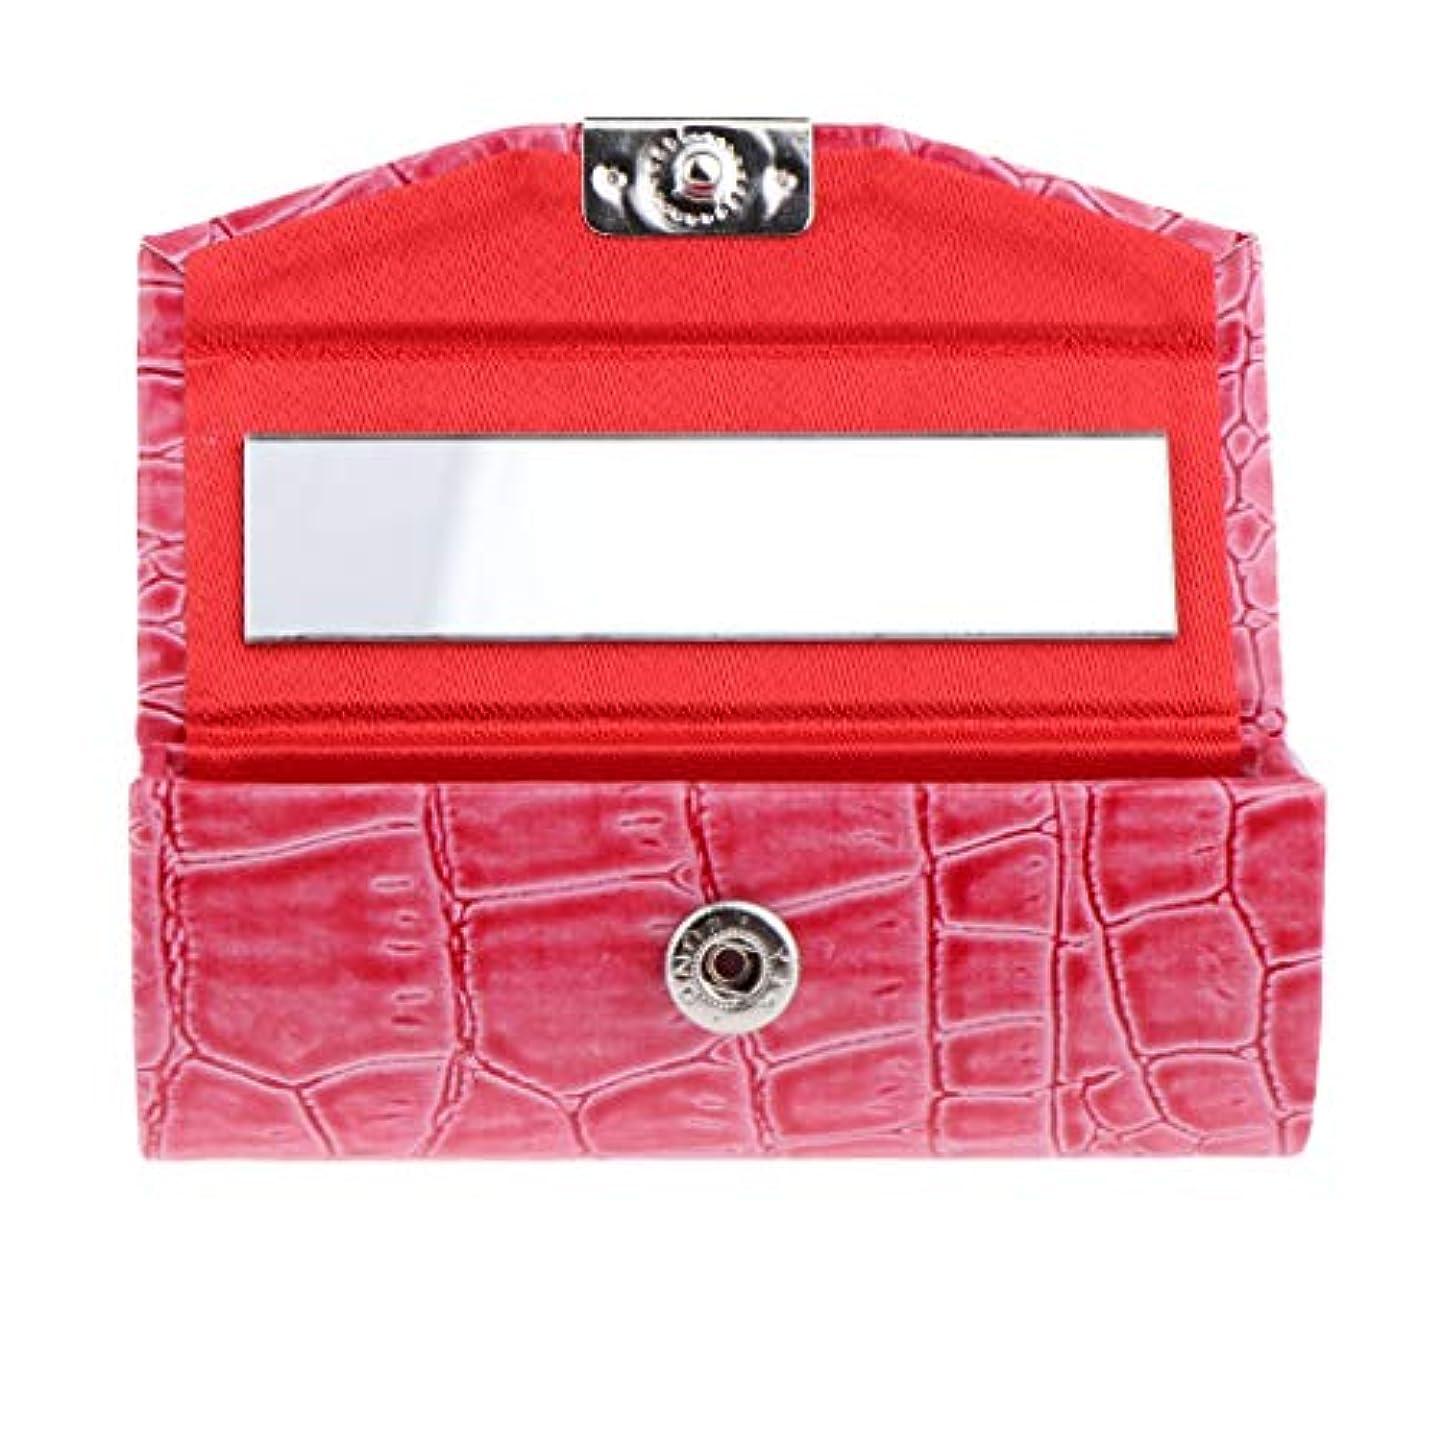 商品レイアドル全10色 化粧ポーチ 口紅ホルダー リネンカバー リップスティック リップグロス 収納ケース - ローズレッド